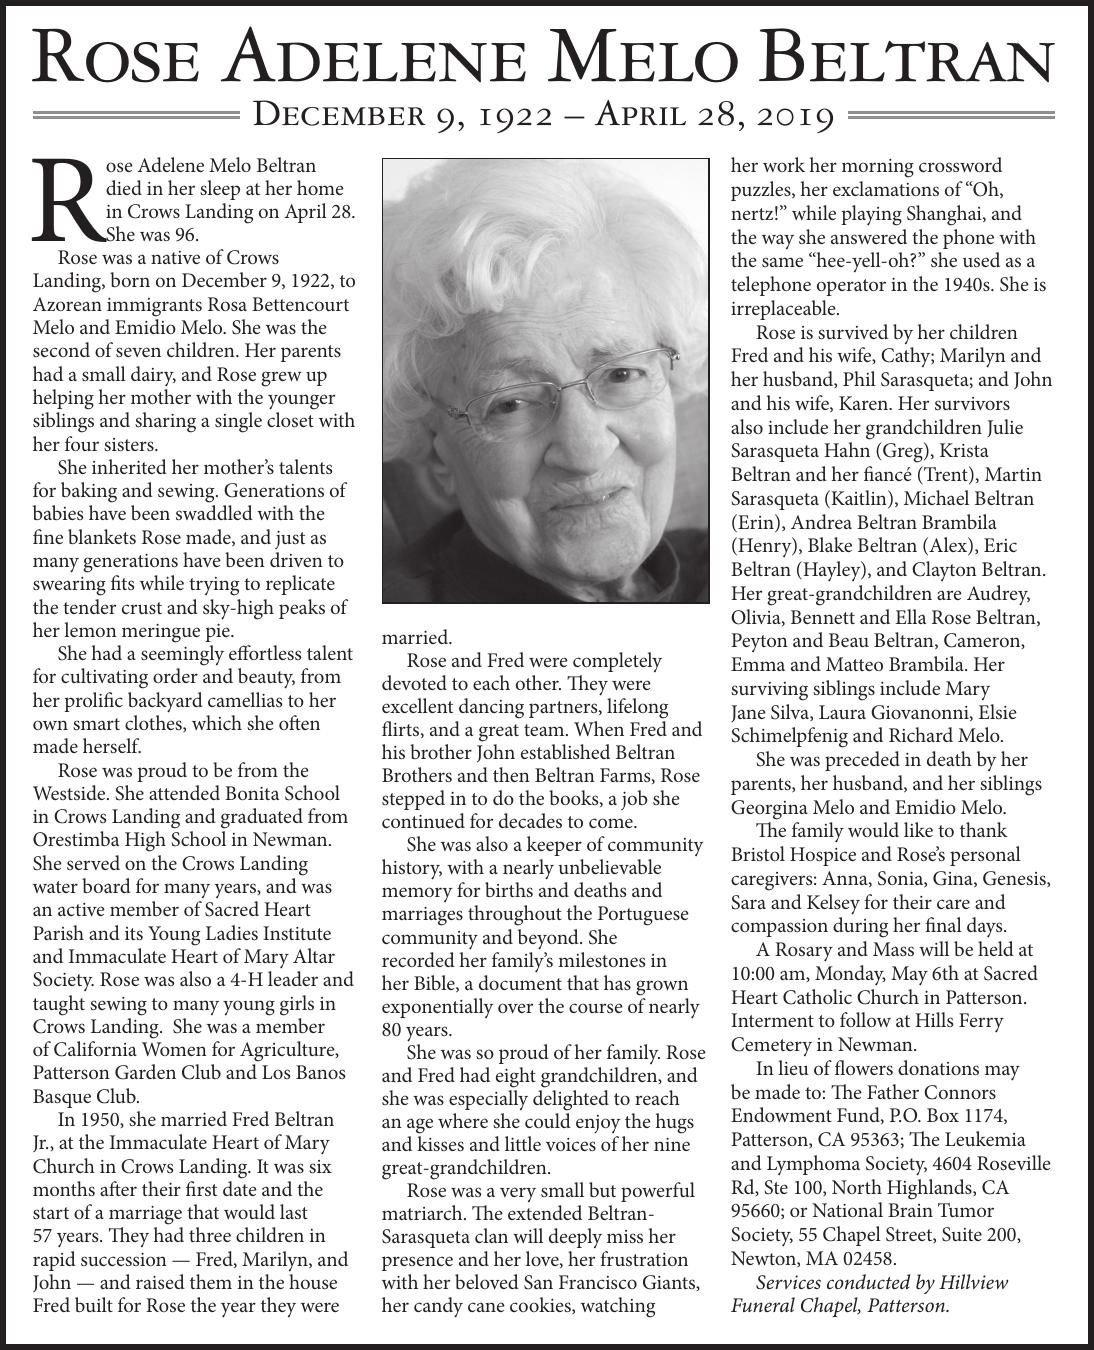 Tribute: Rose Adelene Melo Beltran